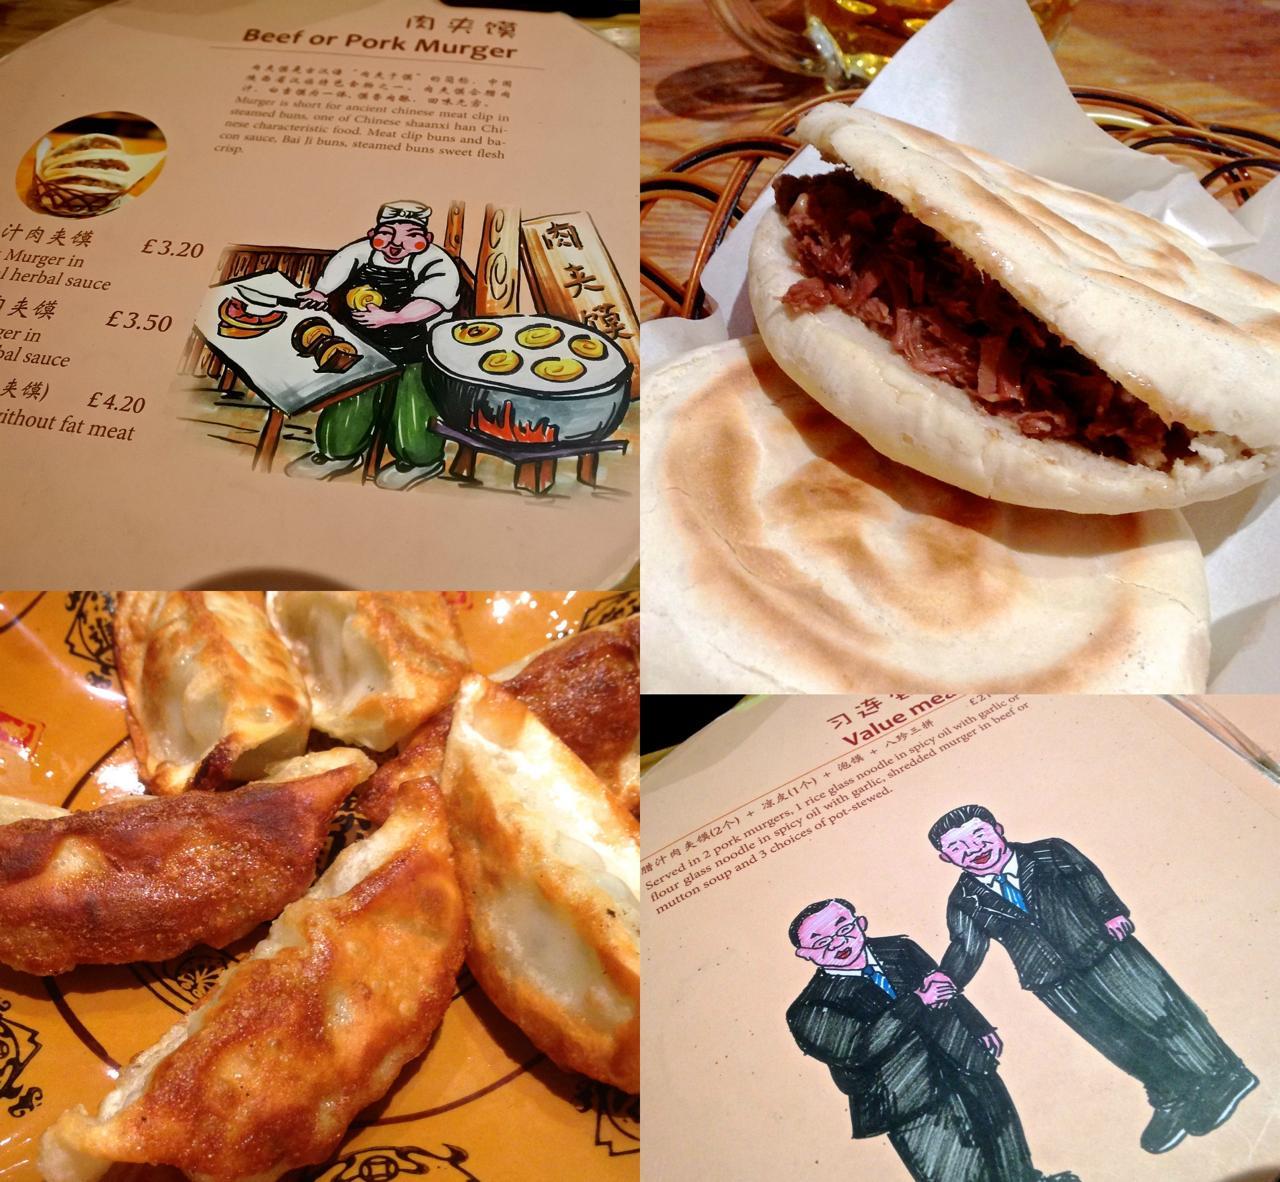 メニューのイラストにユーモアが感じられる当店、マーガー(右上)の肉餡は少し塩気が強いですが、試してみる価値あり。左下はチキン餃子。日本のものとそっくり。てか、我々のが輸入品!?